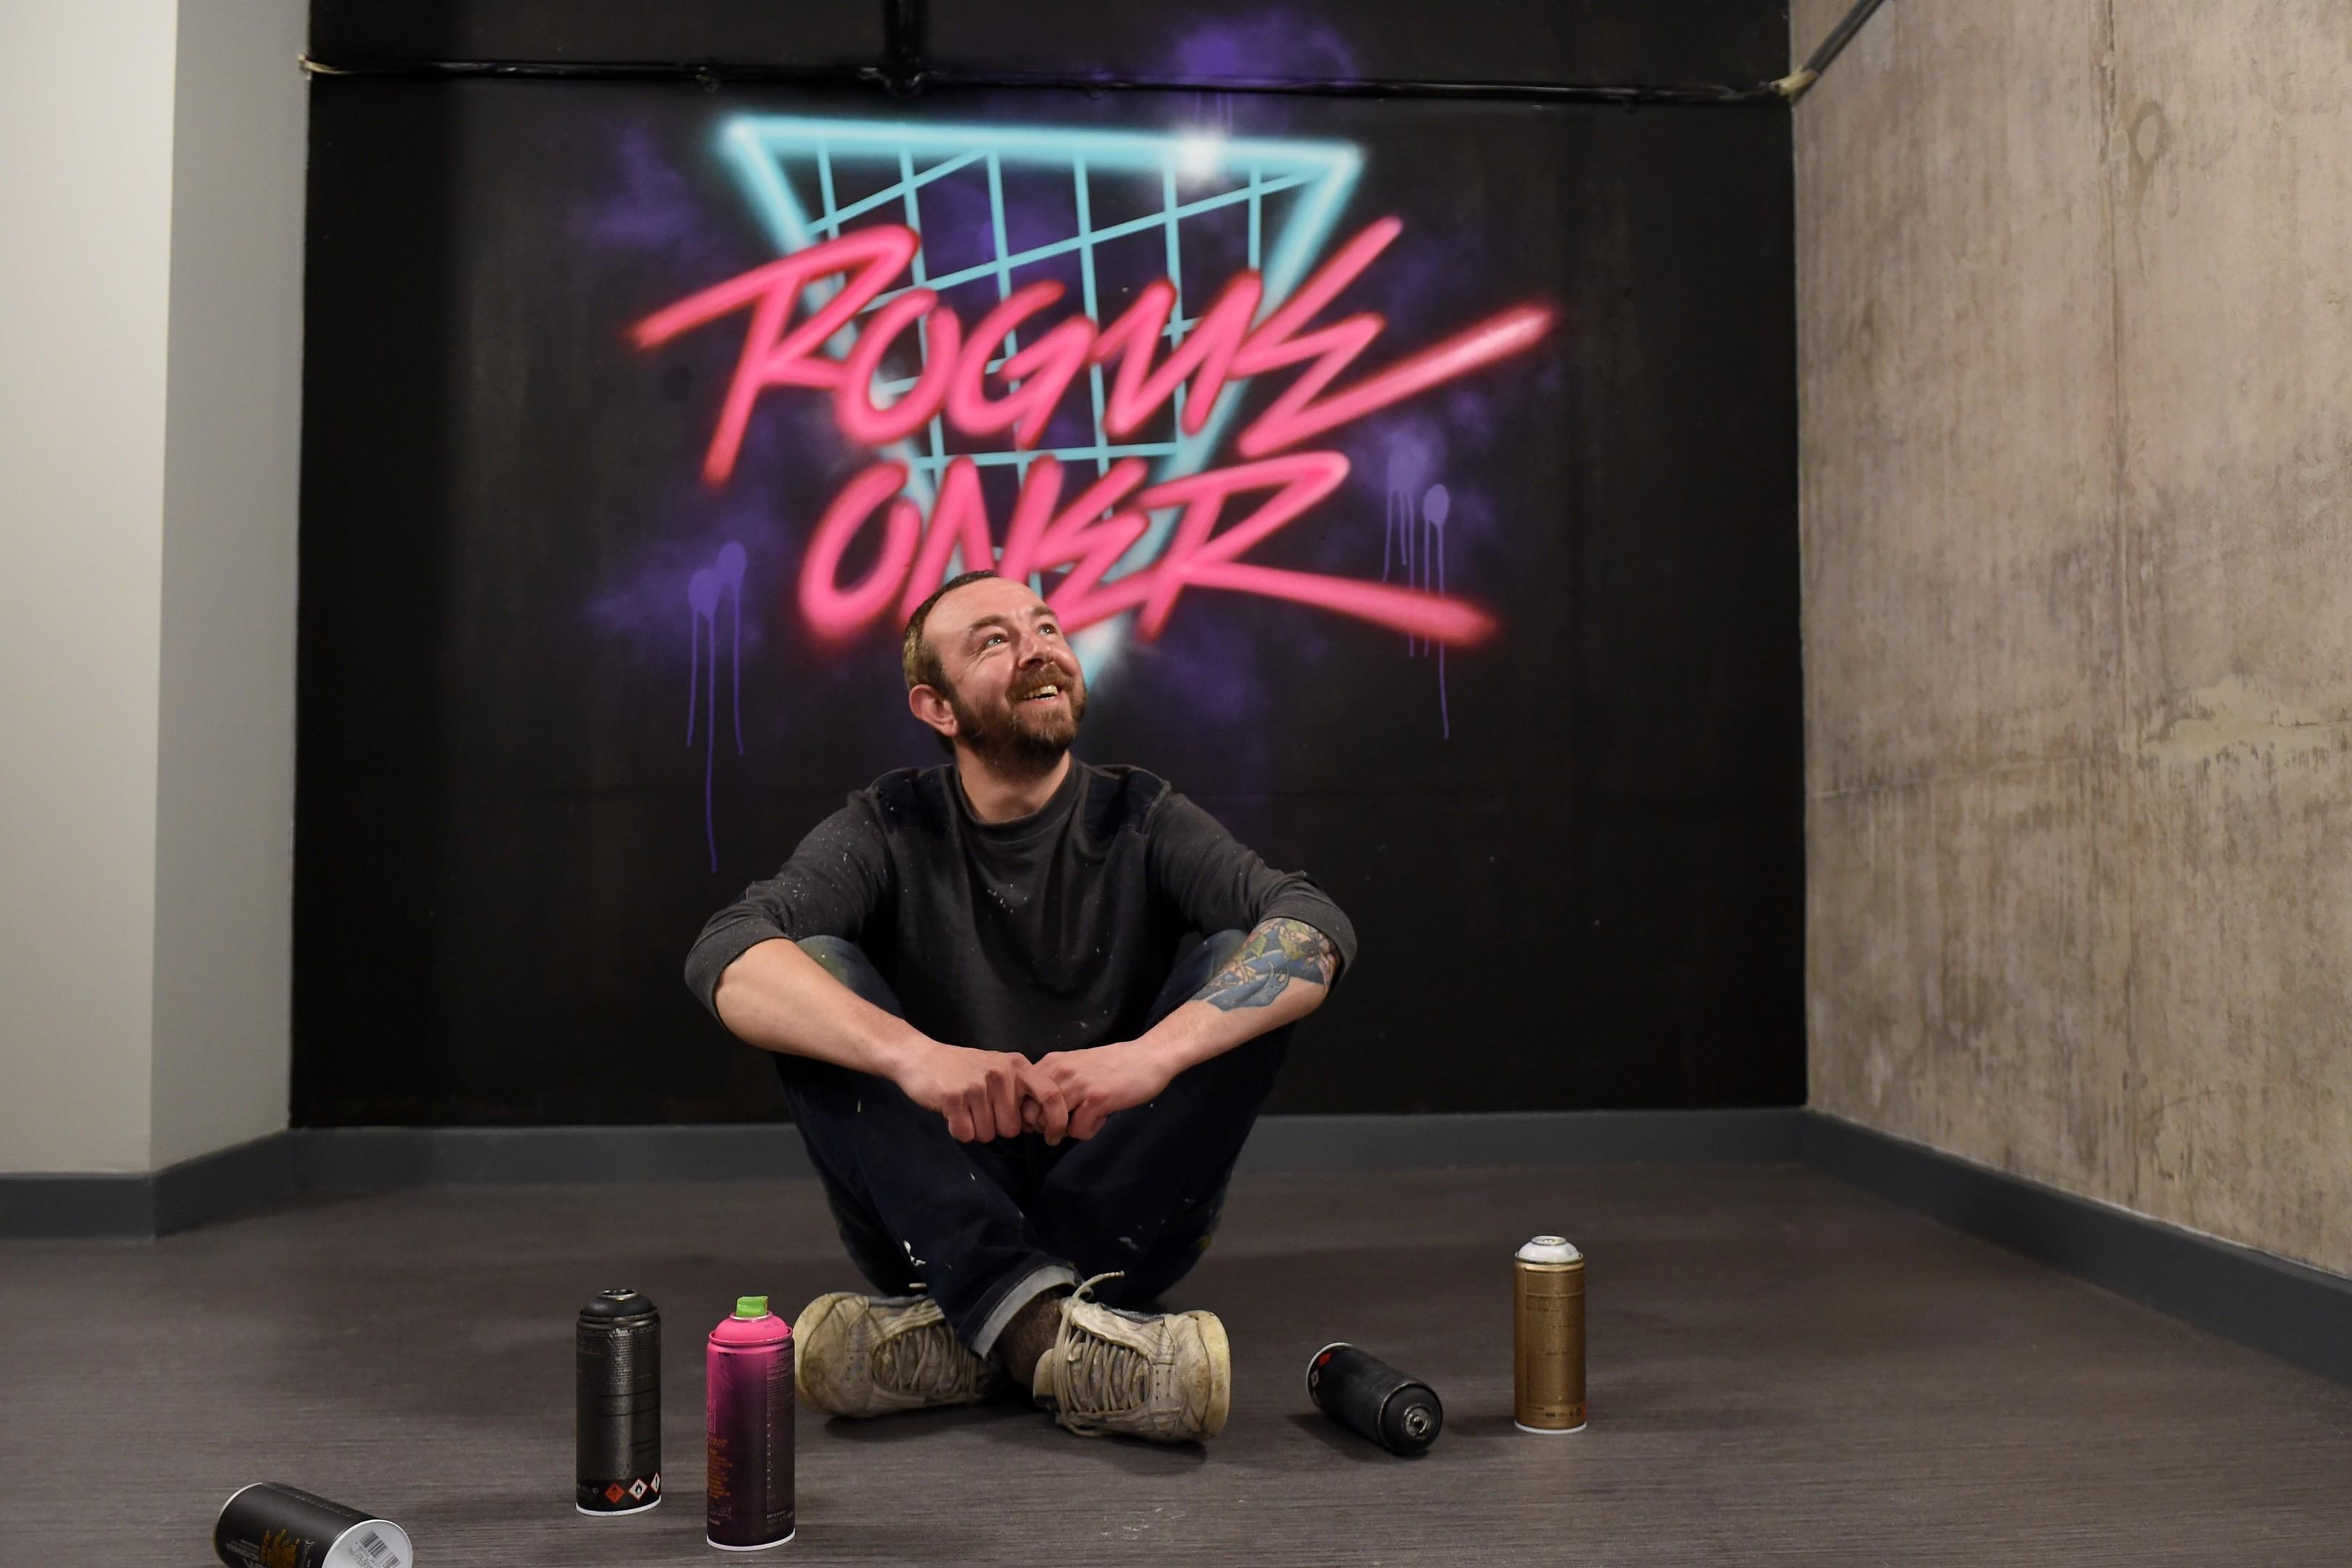 Artist Rogue-One